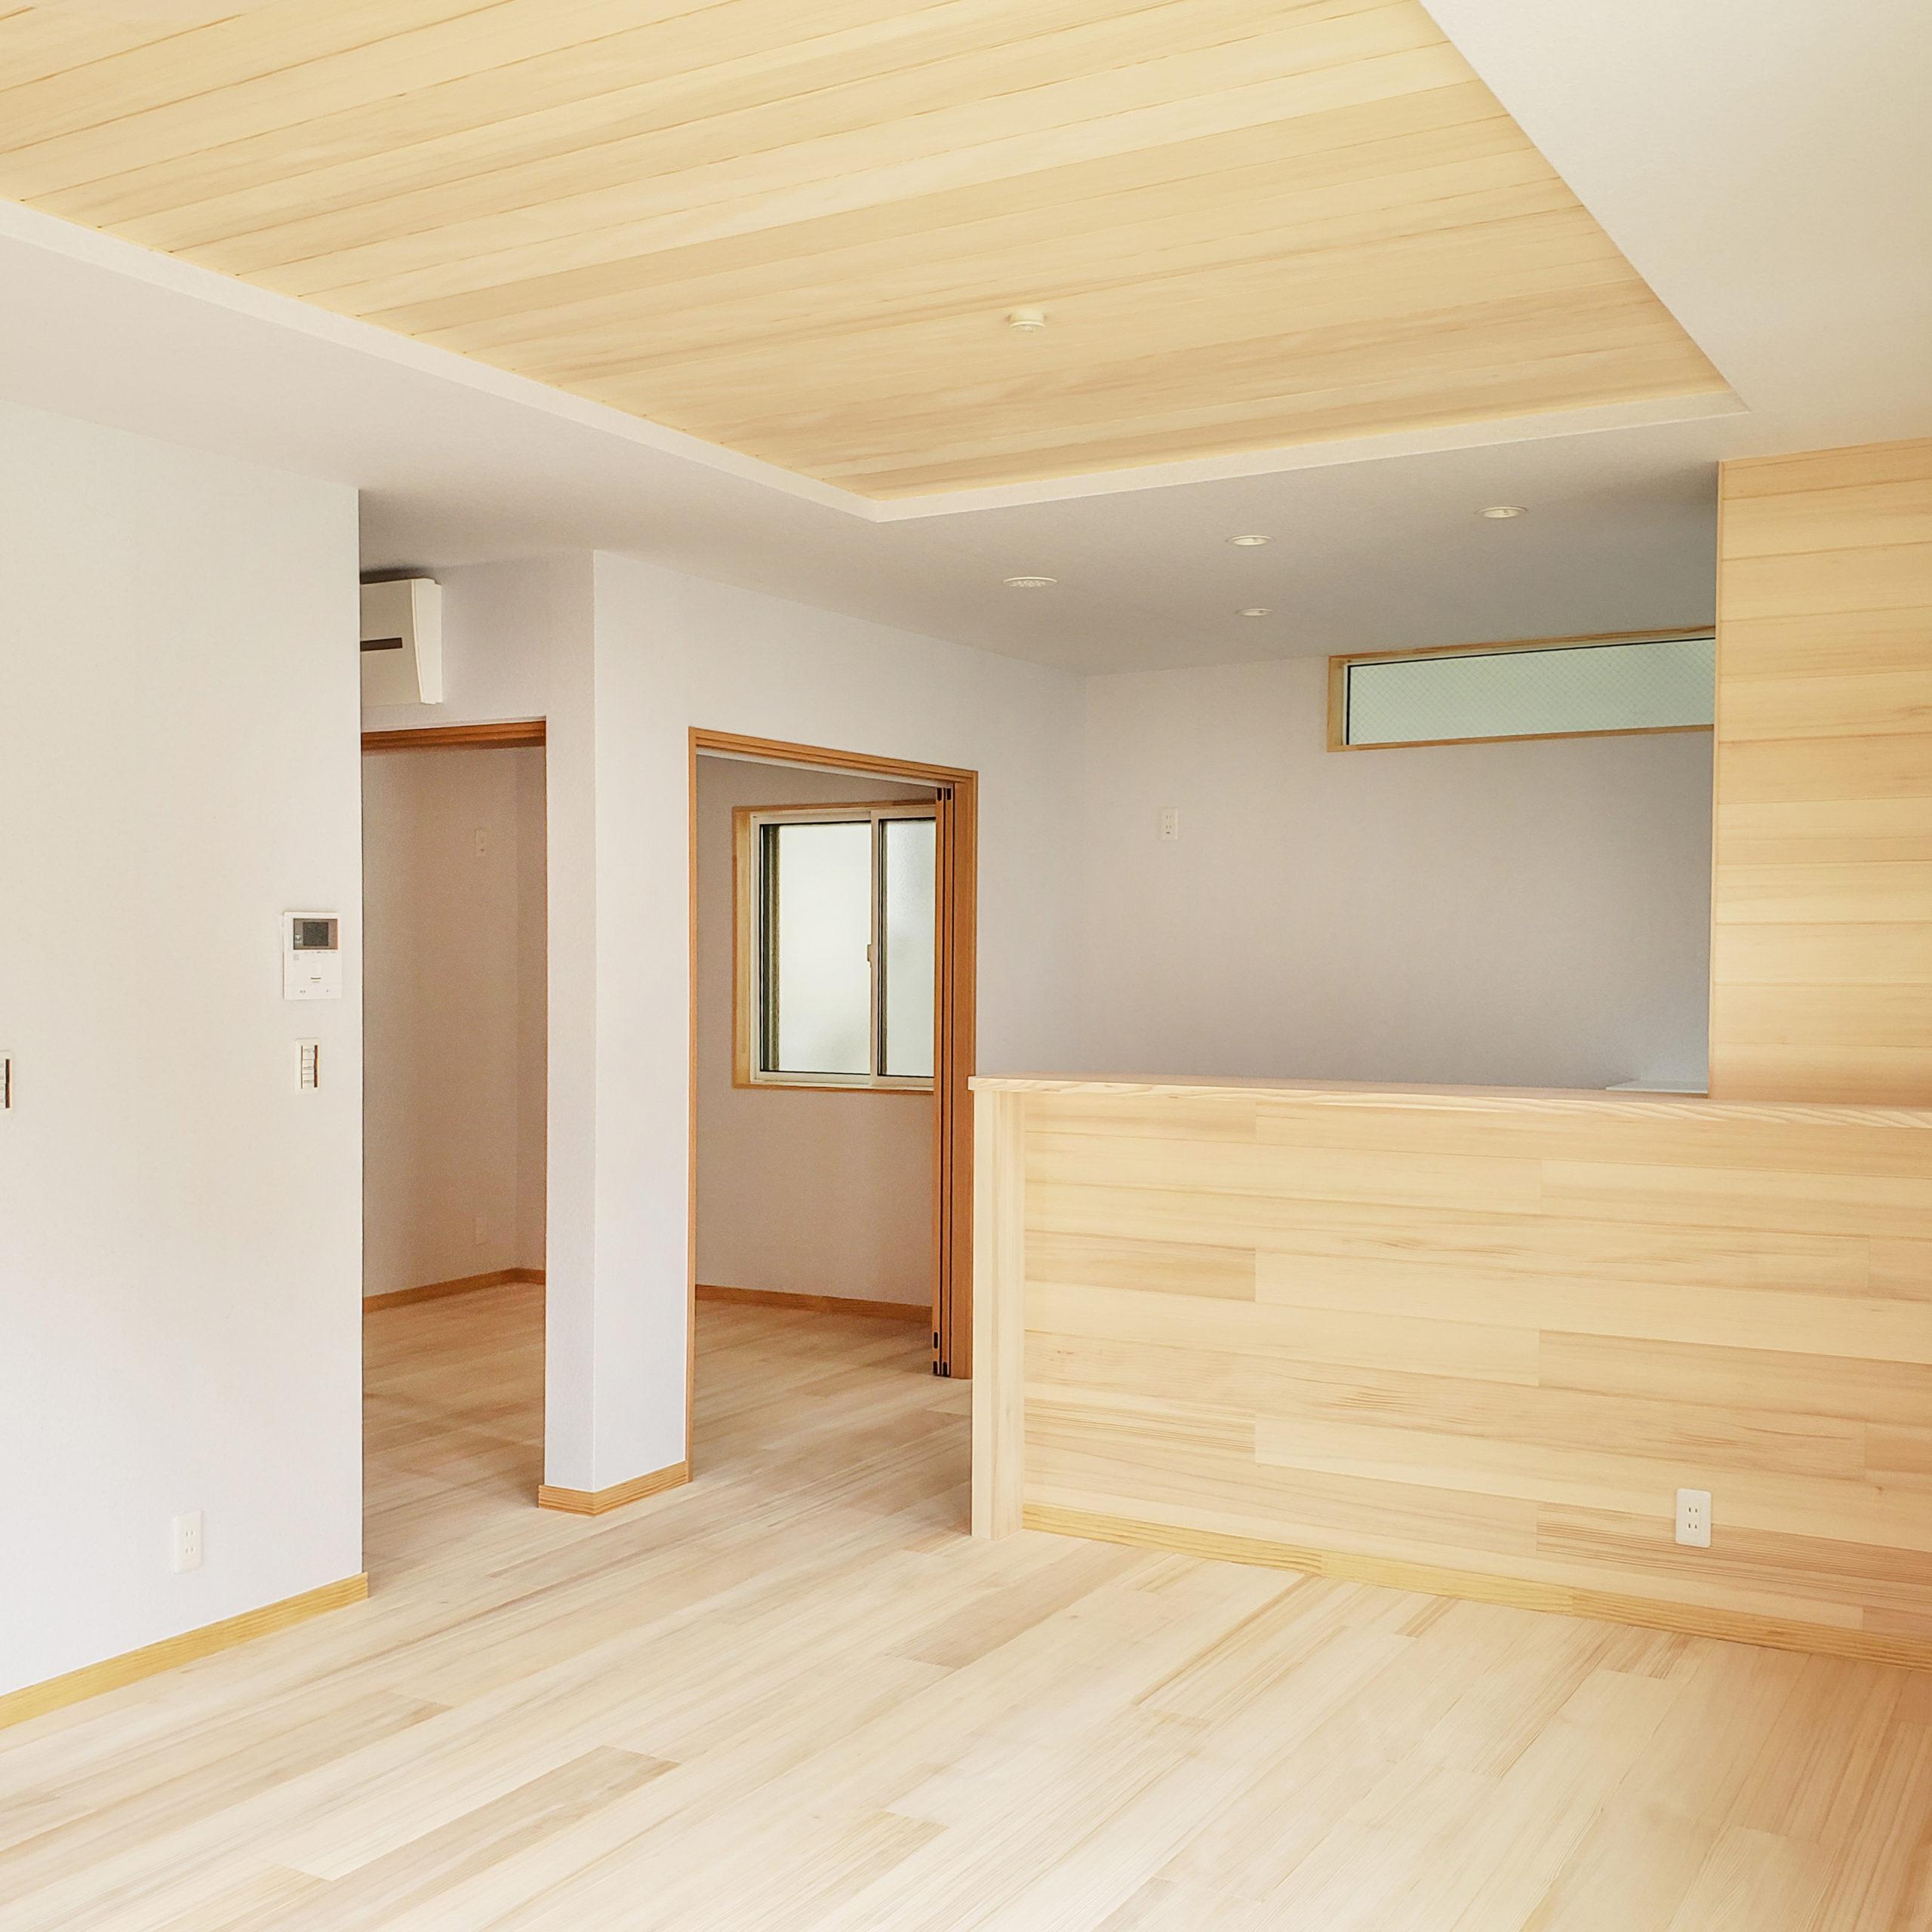 <p>キッチン横の部屋は予備室で、家事室としても利用でき、洗濯物も干せます。</p> <p>キッチンから、家族クローゼット~洗濯室にスルーできる家事がとても楽な住まいです。</p> <p>キッチン横からは外のサービスヤードにも出ることができす。</p> <p>家事は1階で完結できると、日々の生活がとても楽になりますよ。</p>